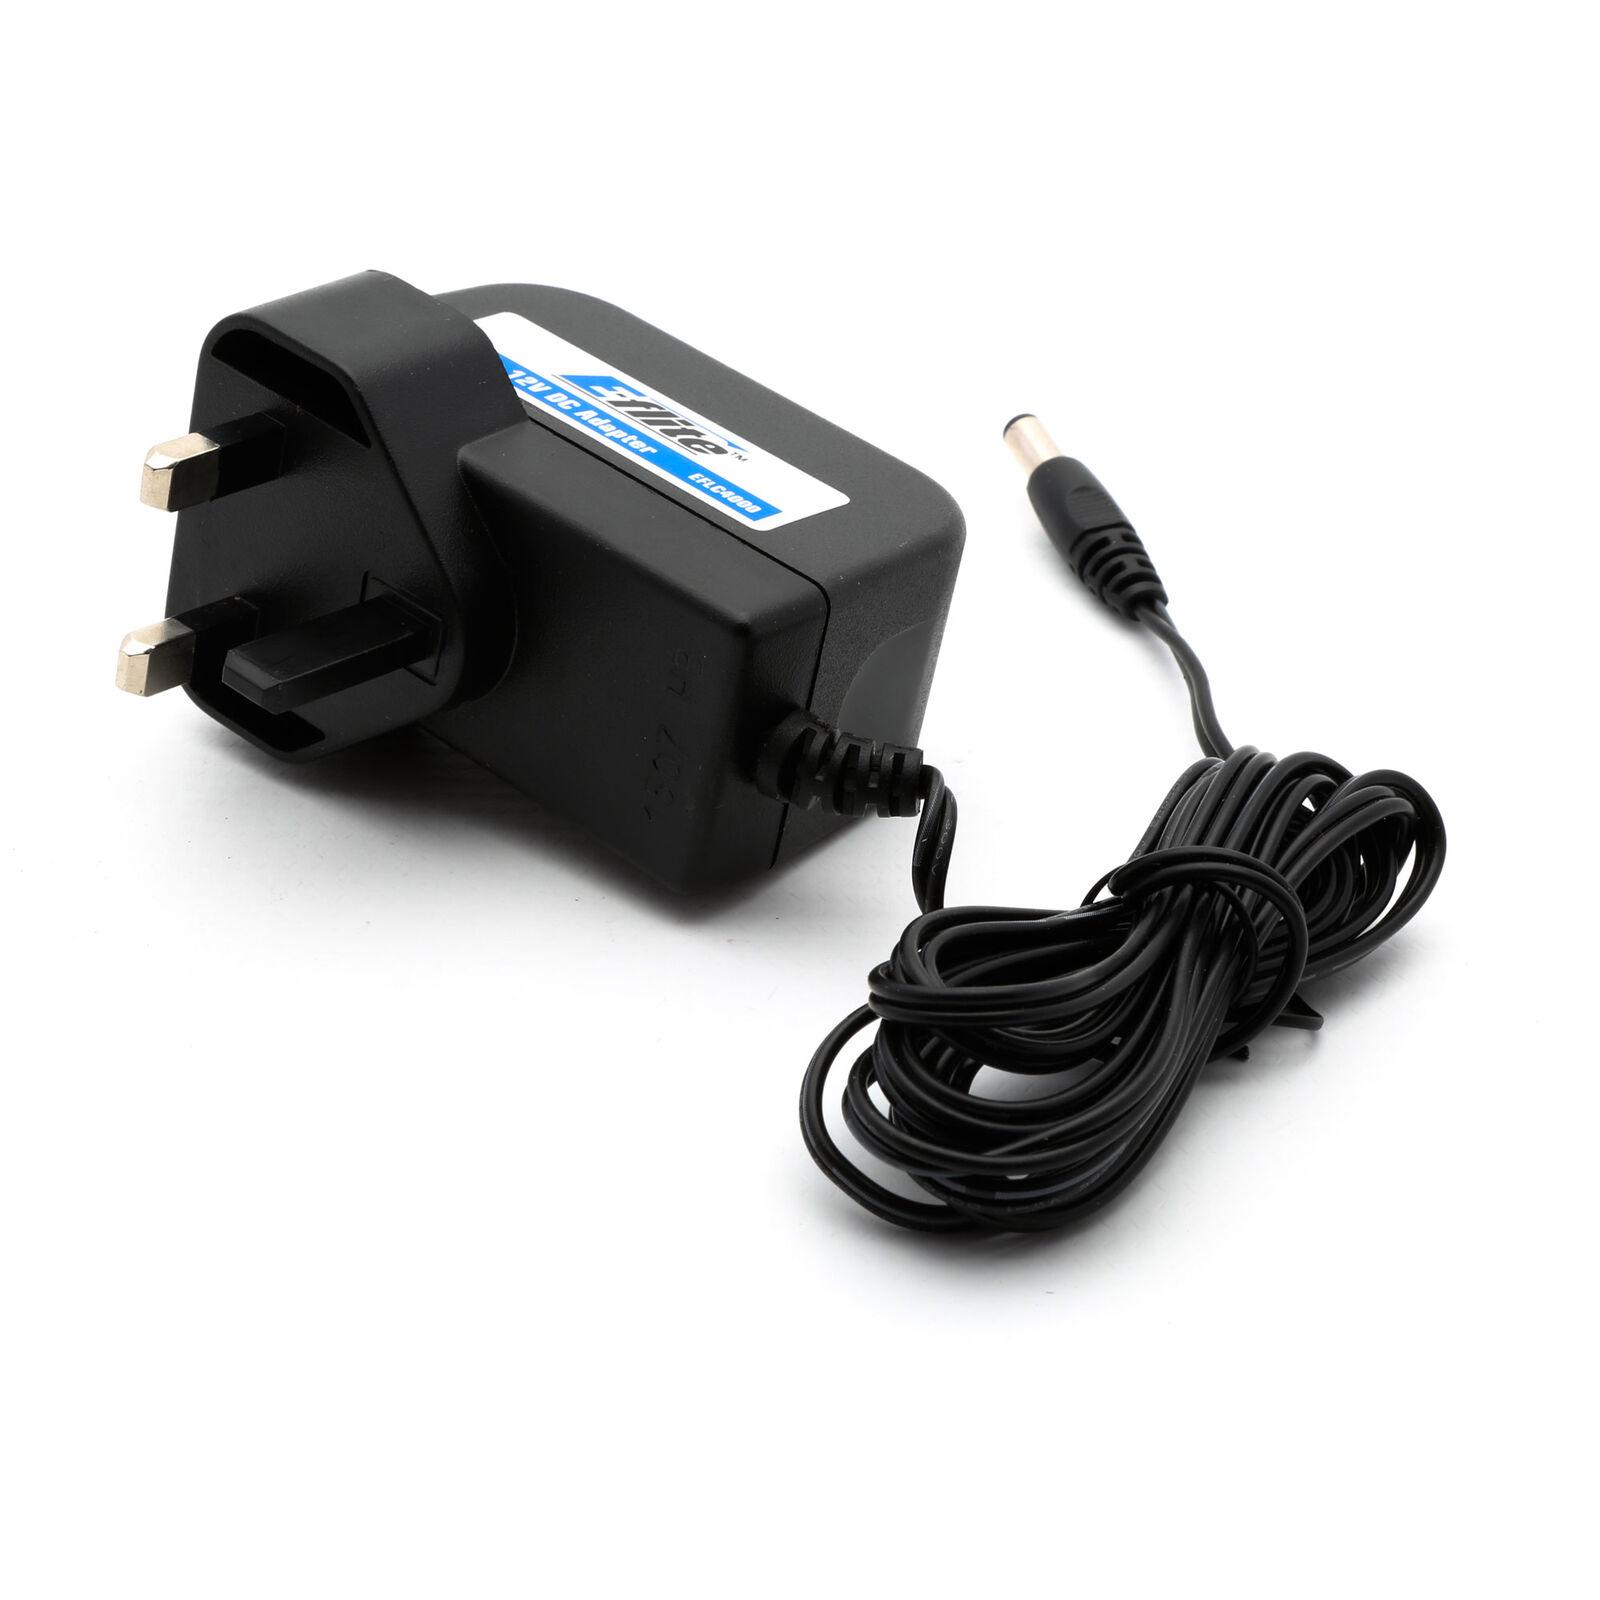 12V 500mAh Power Supply